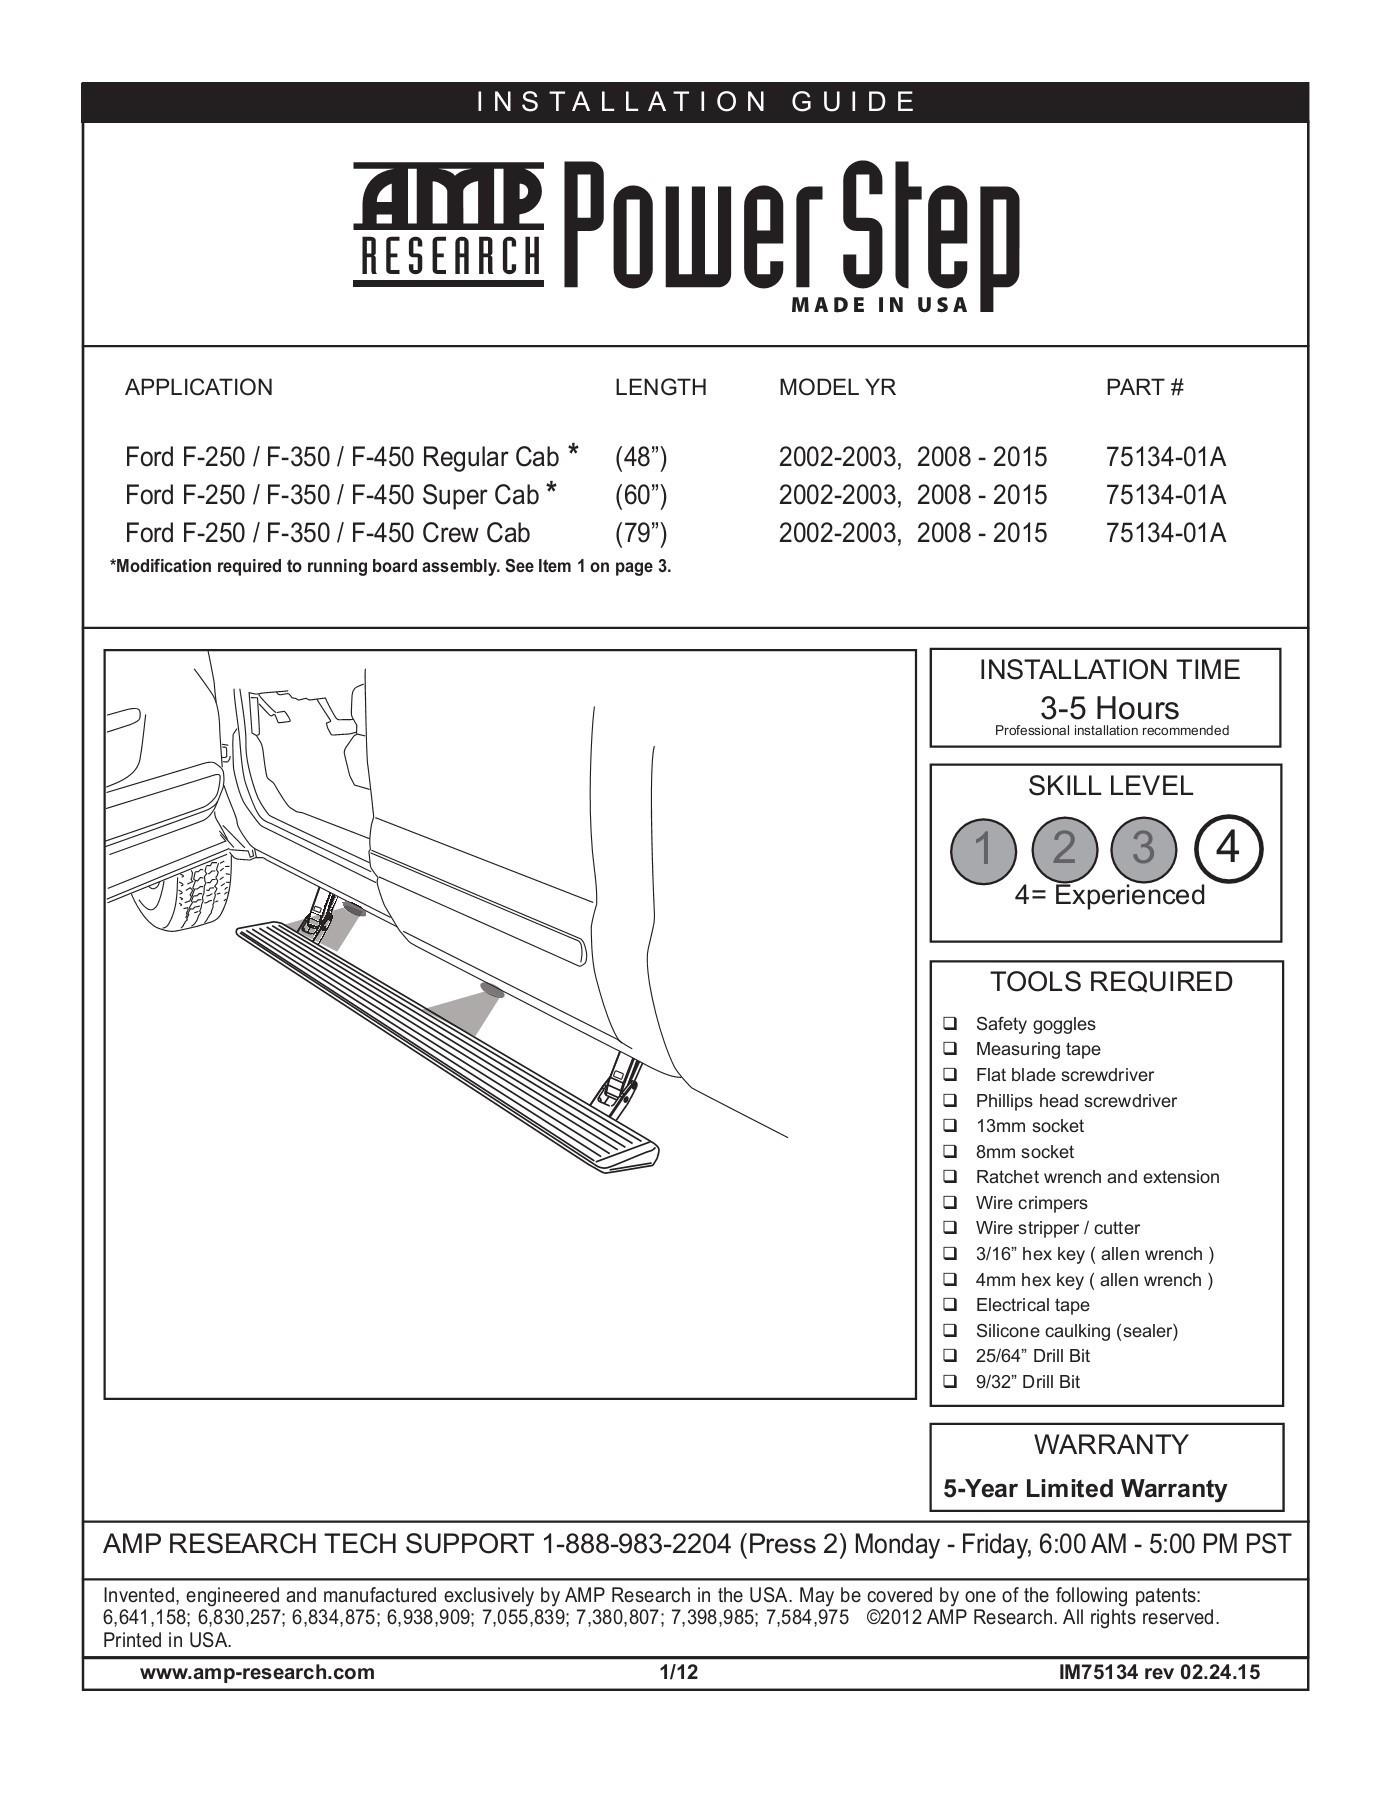 Amp Research Power Step Wiring Diagram Skill Level 1 2 3 4 Amp Research Pages 1 13 Text Of Amp Research Power Step Wiring Diagram F099f Range Rover Denso Radio Wiring Schematics 2007